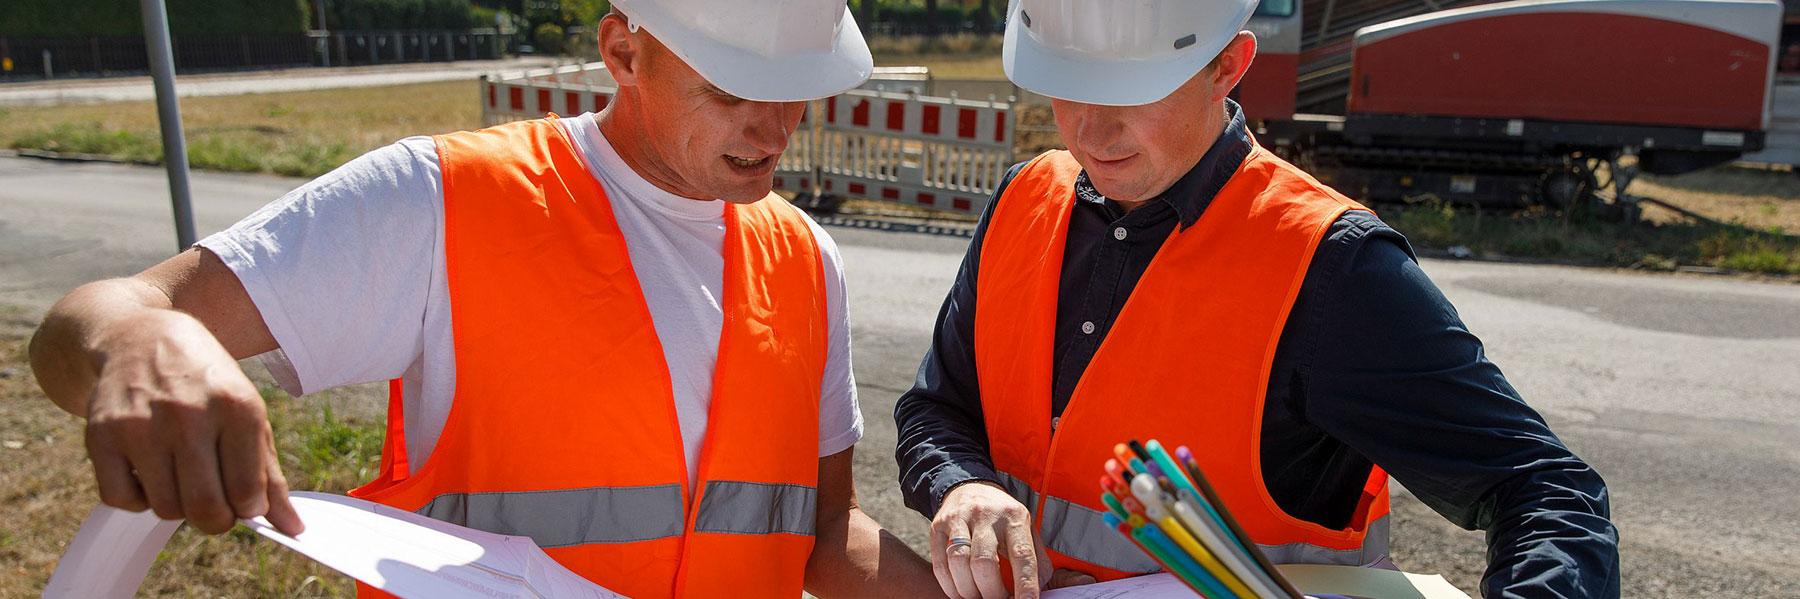 Glasfasernetzausbau für Unternehmen in Schmölln